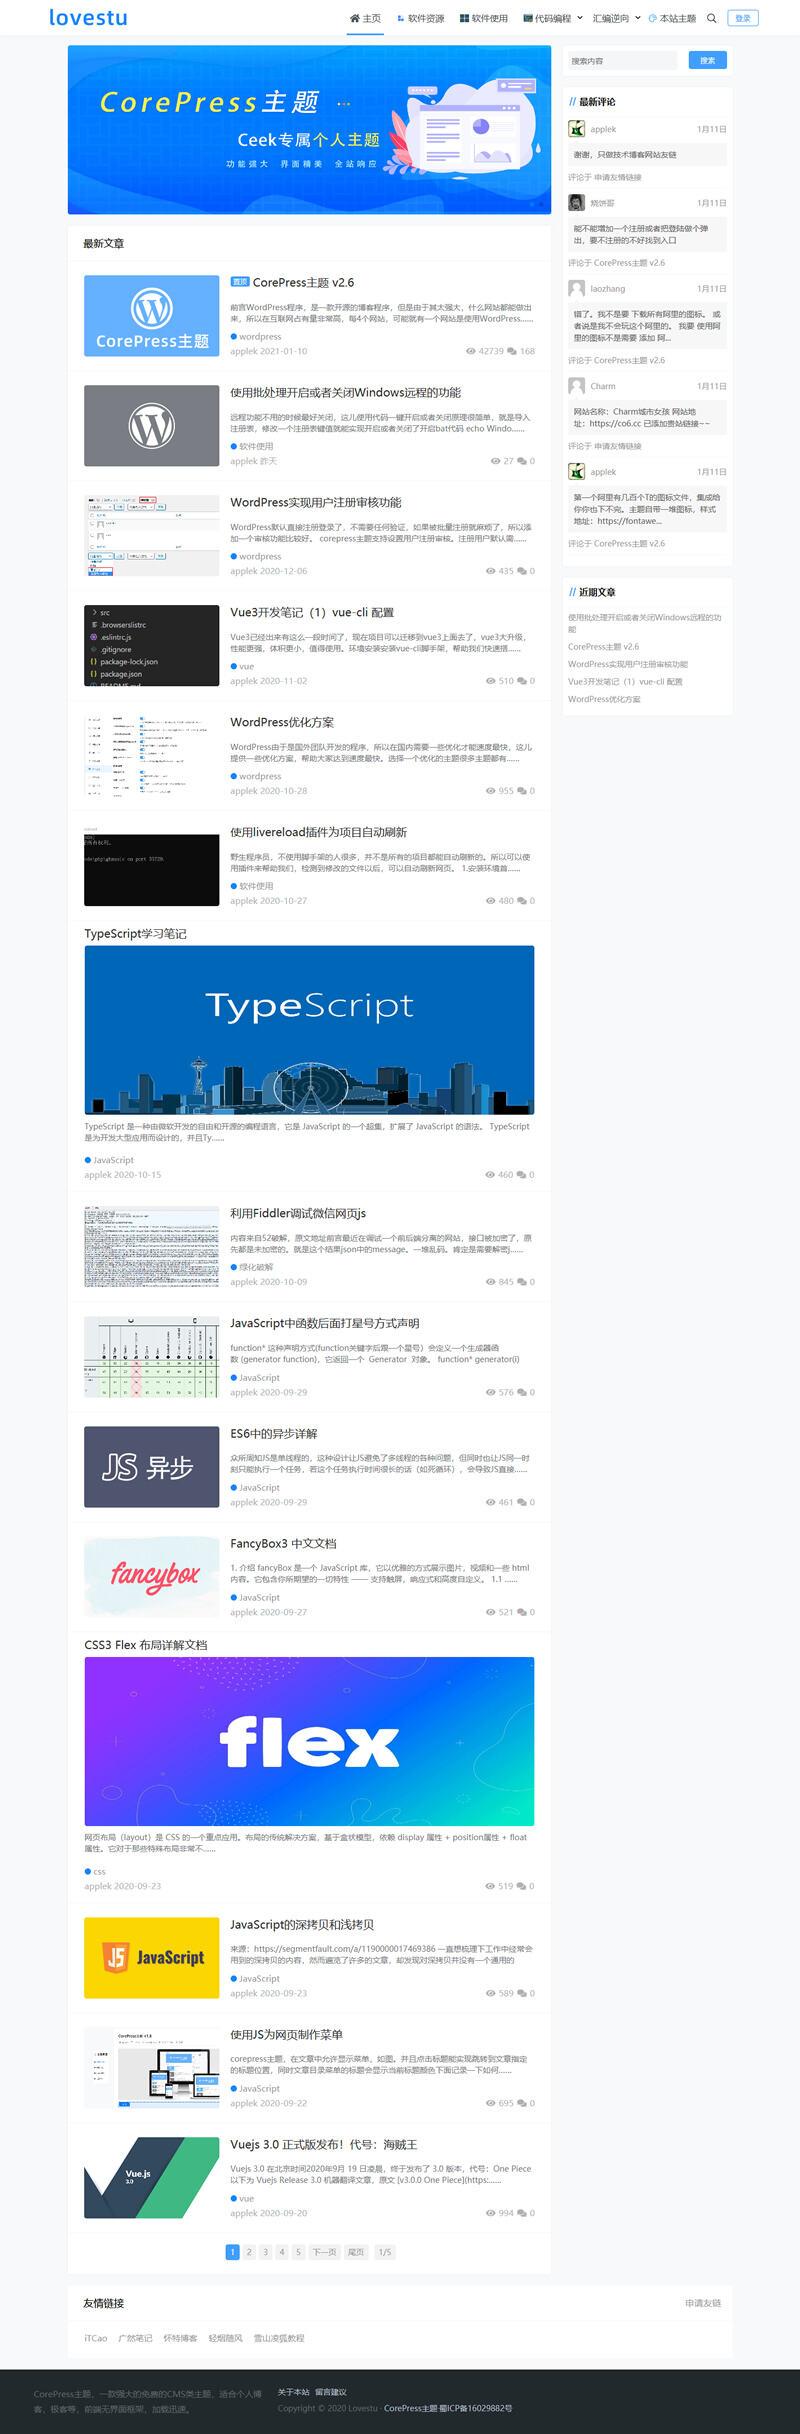 CorePress主题-个人网站、极客网站、CMS wordpress主题